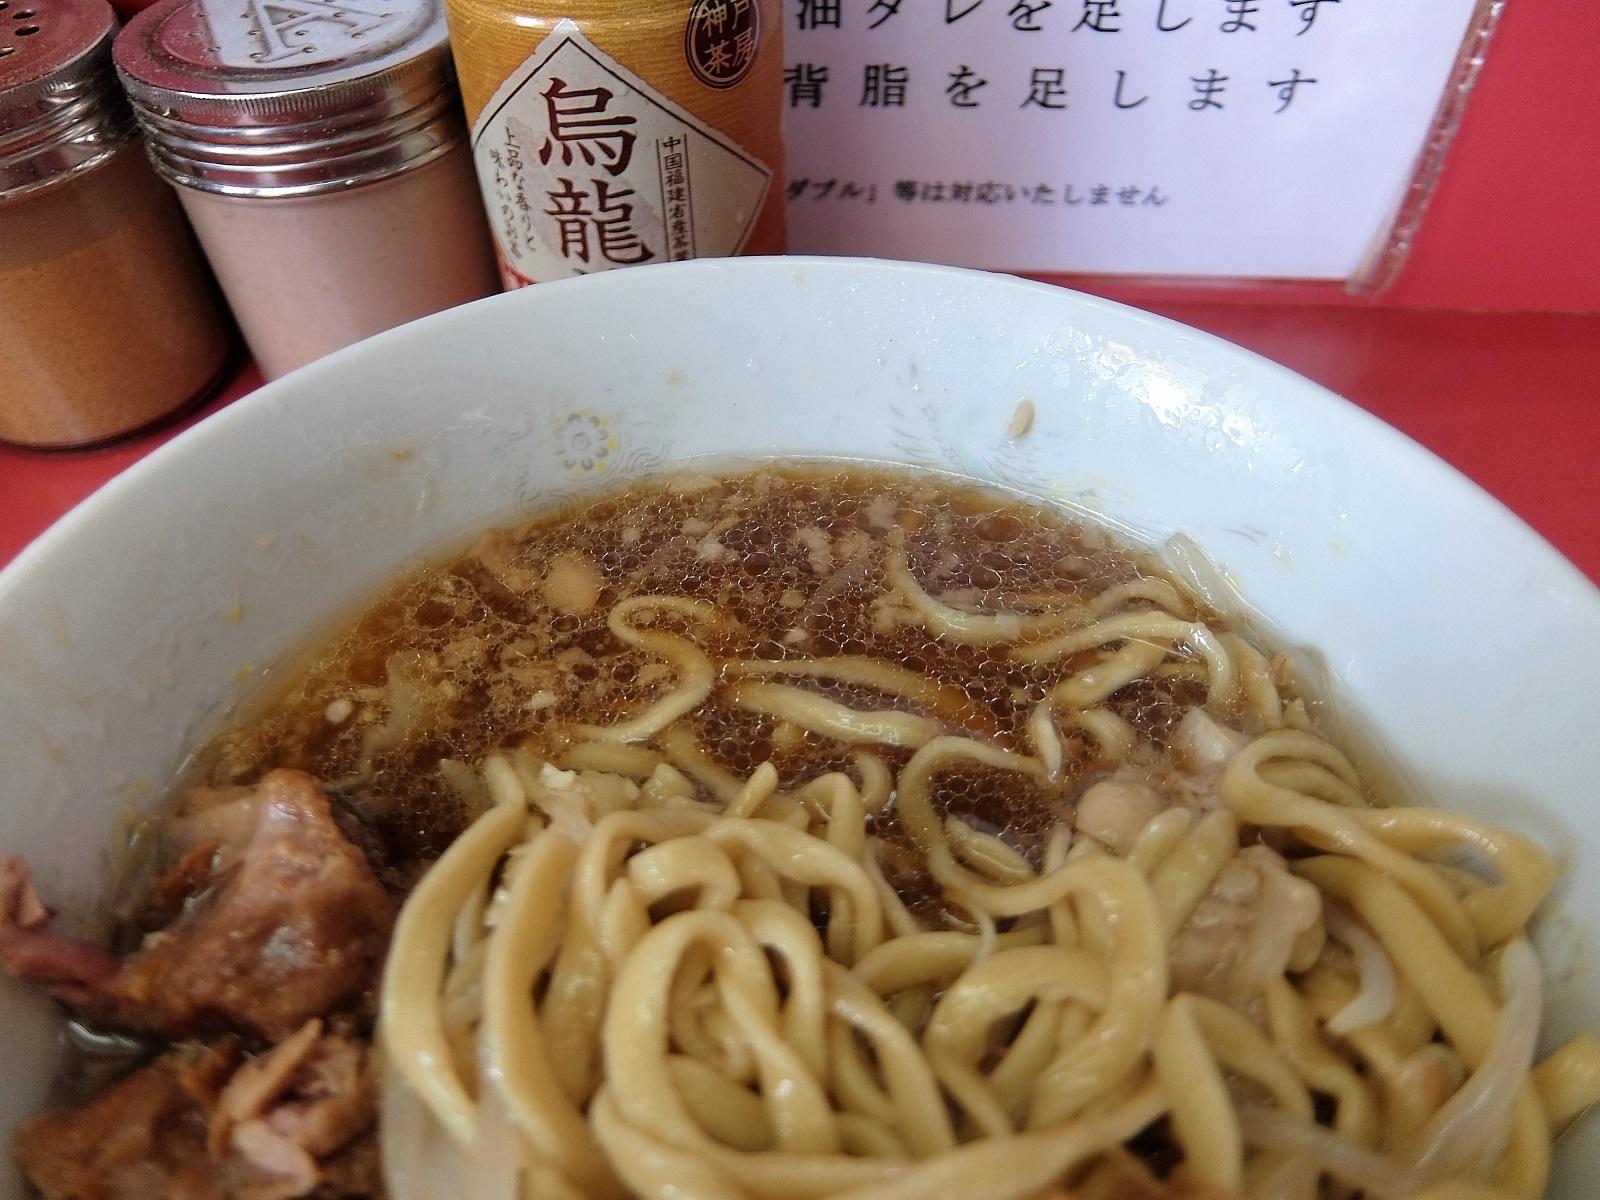 koiwa-jirou7a.jpg